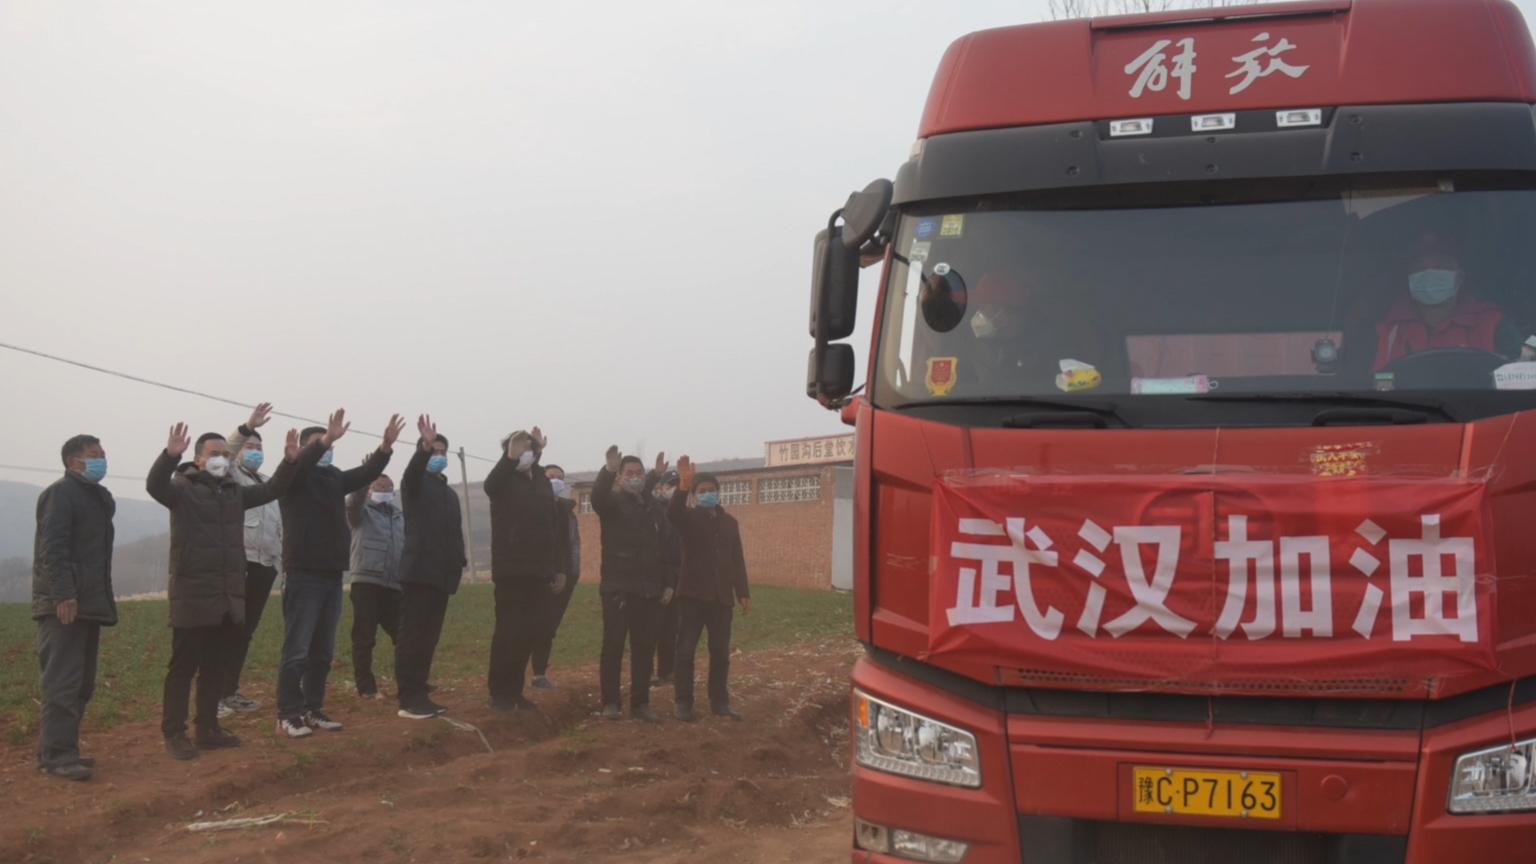 河南农民捐十万斤葱:这是我们最好的东西,只要武汉需要,我们还捐!   小彭vlog